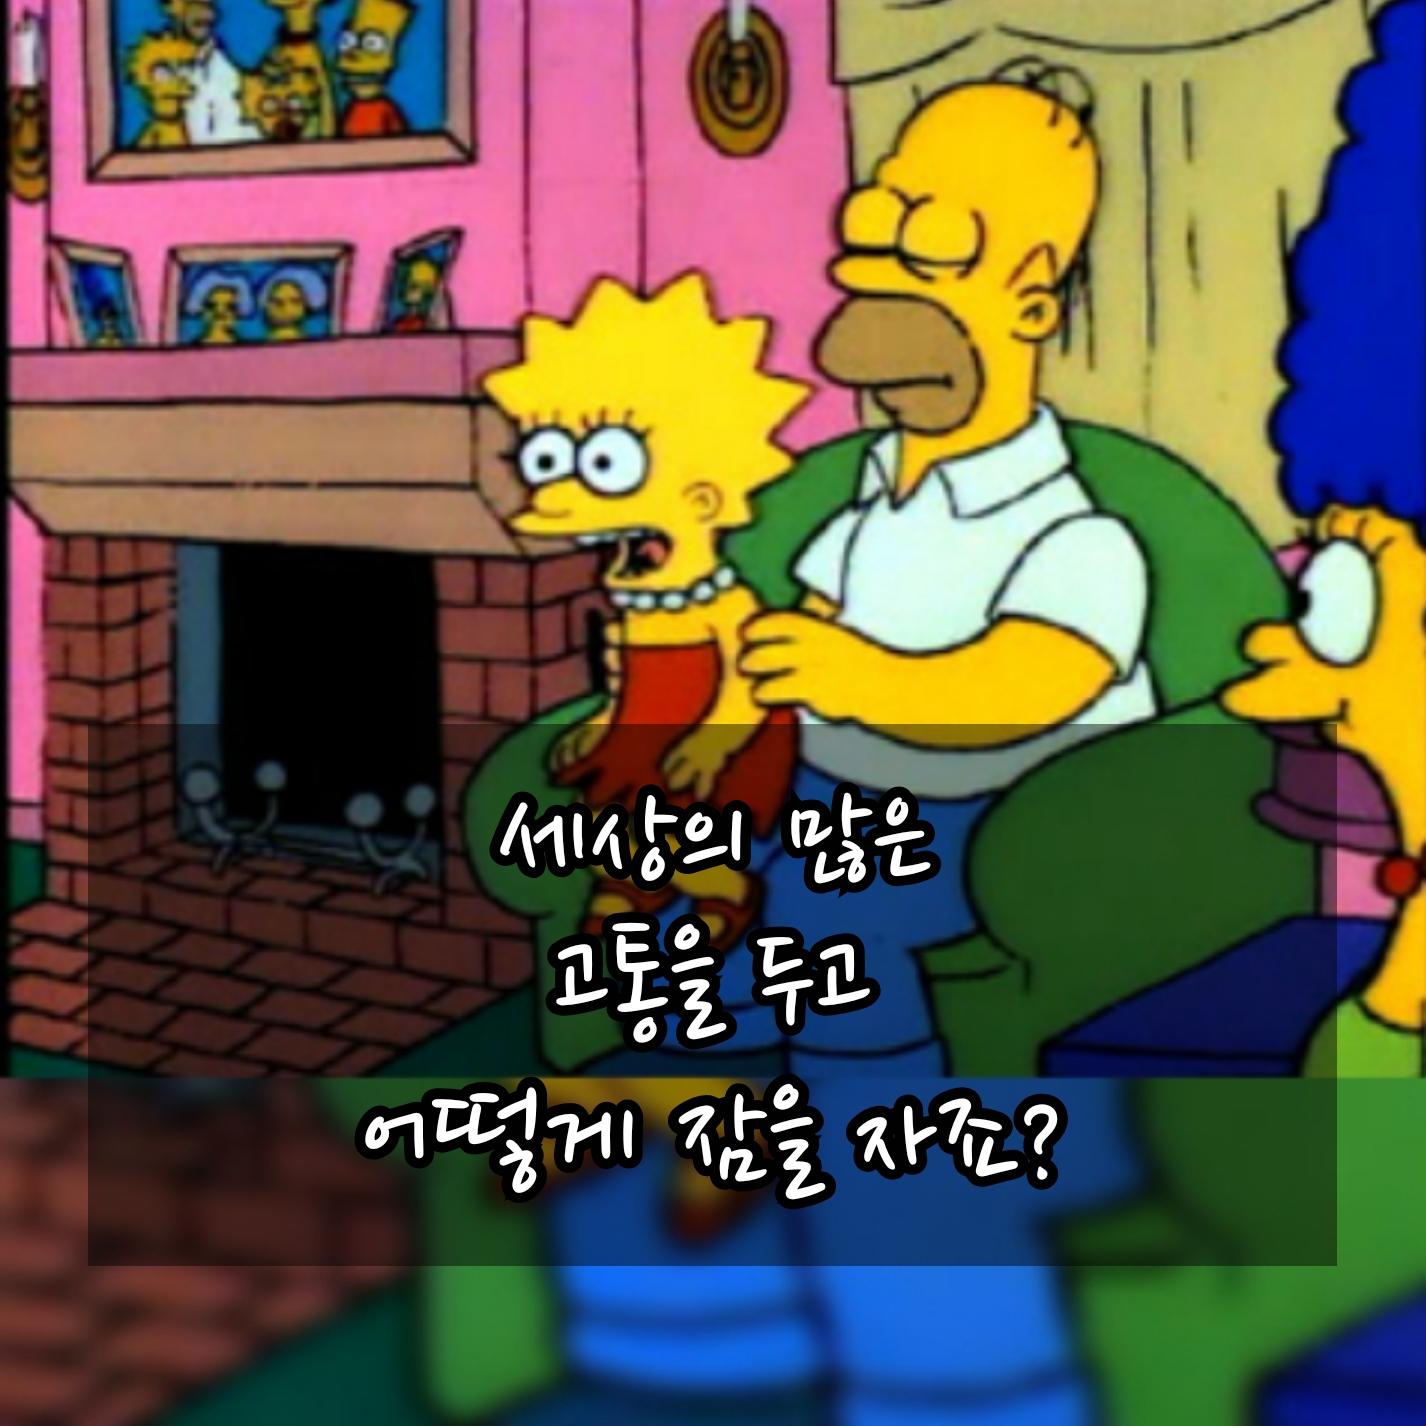 15-3**** 님의 프로필